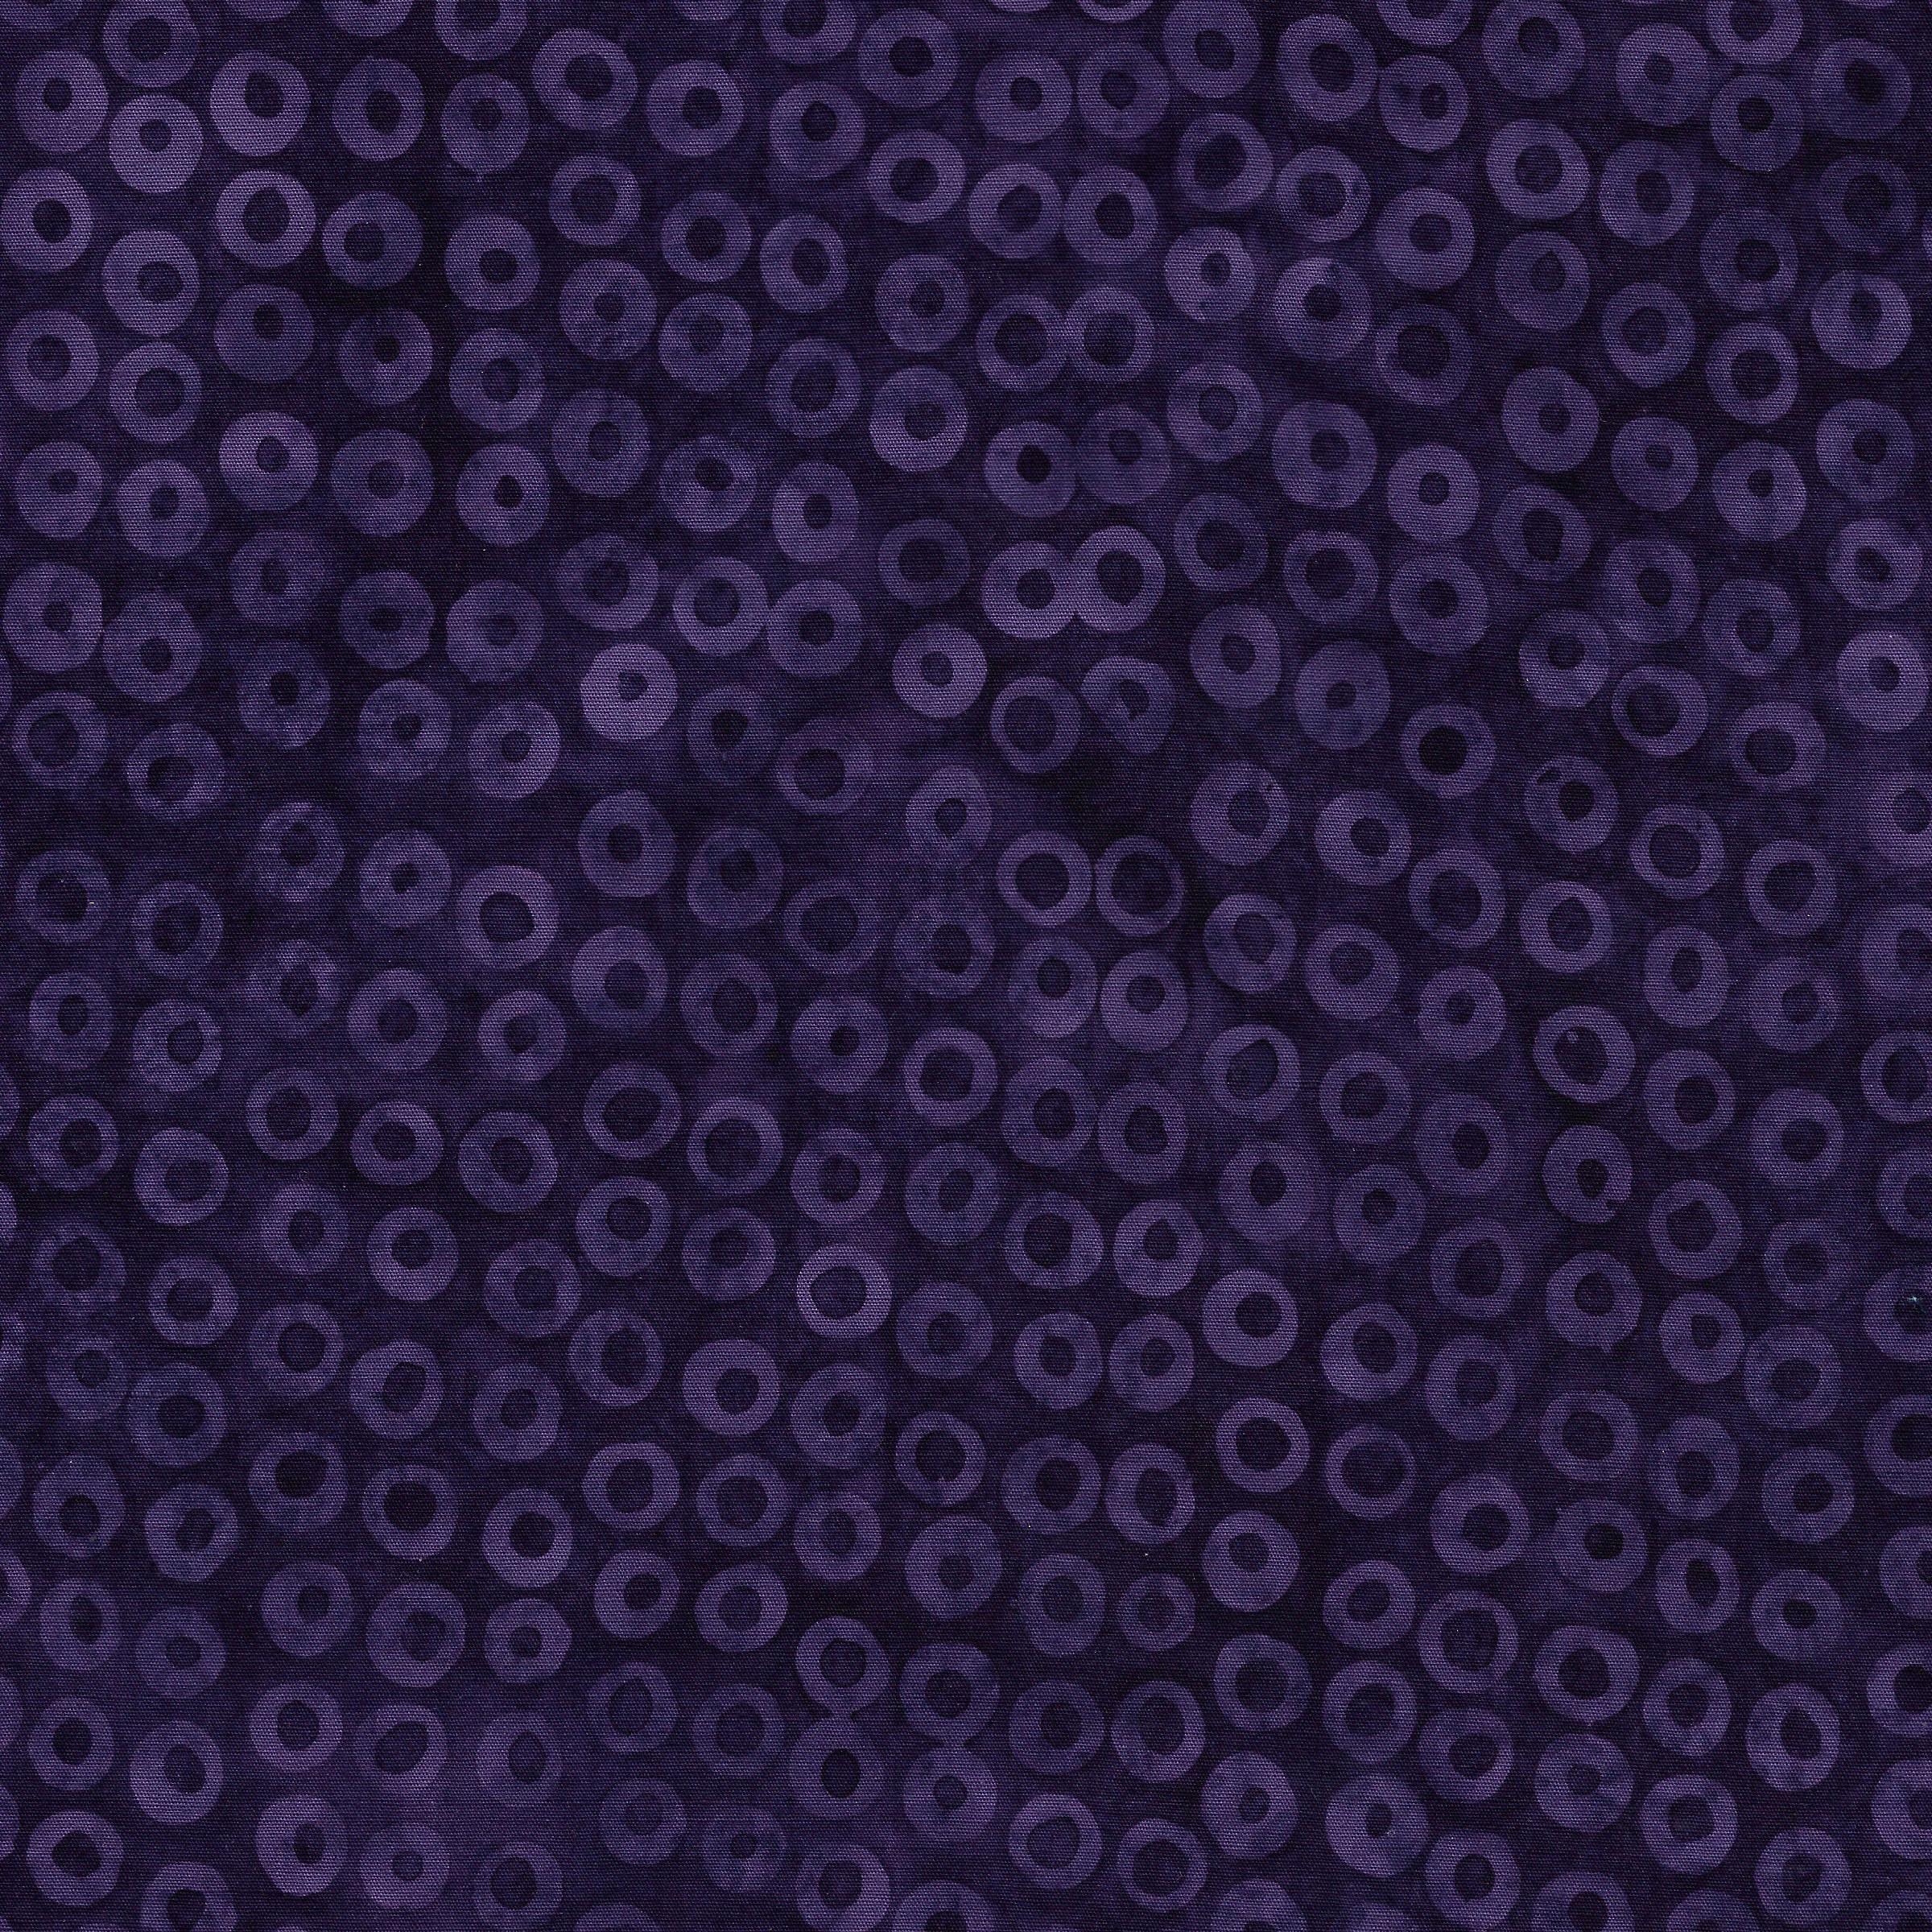 111936495 / Cherrios-Eggplant